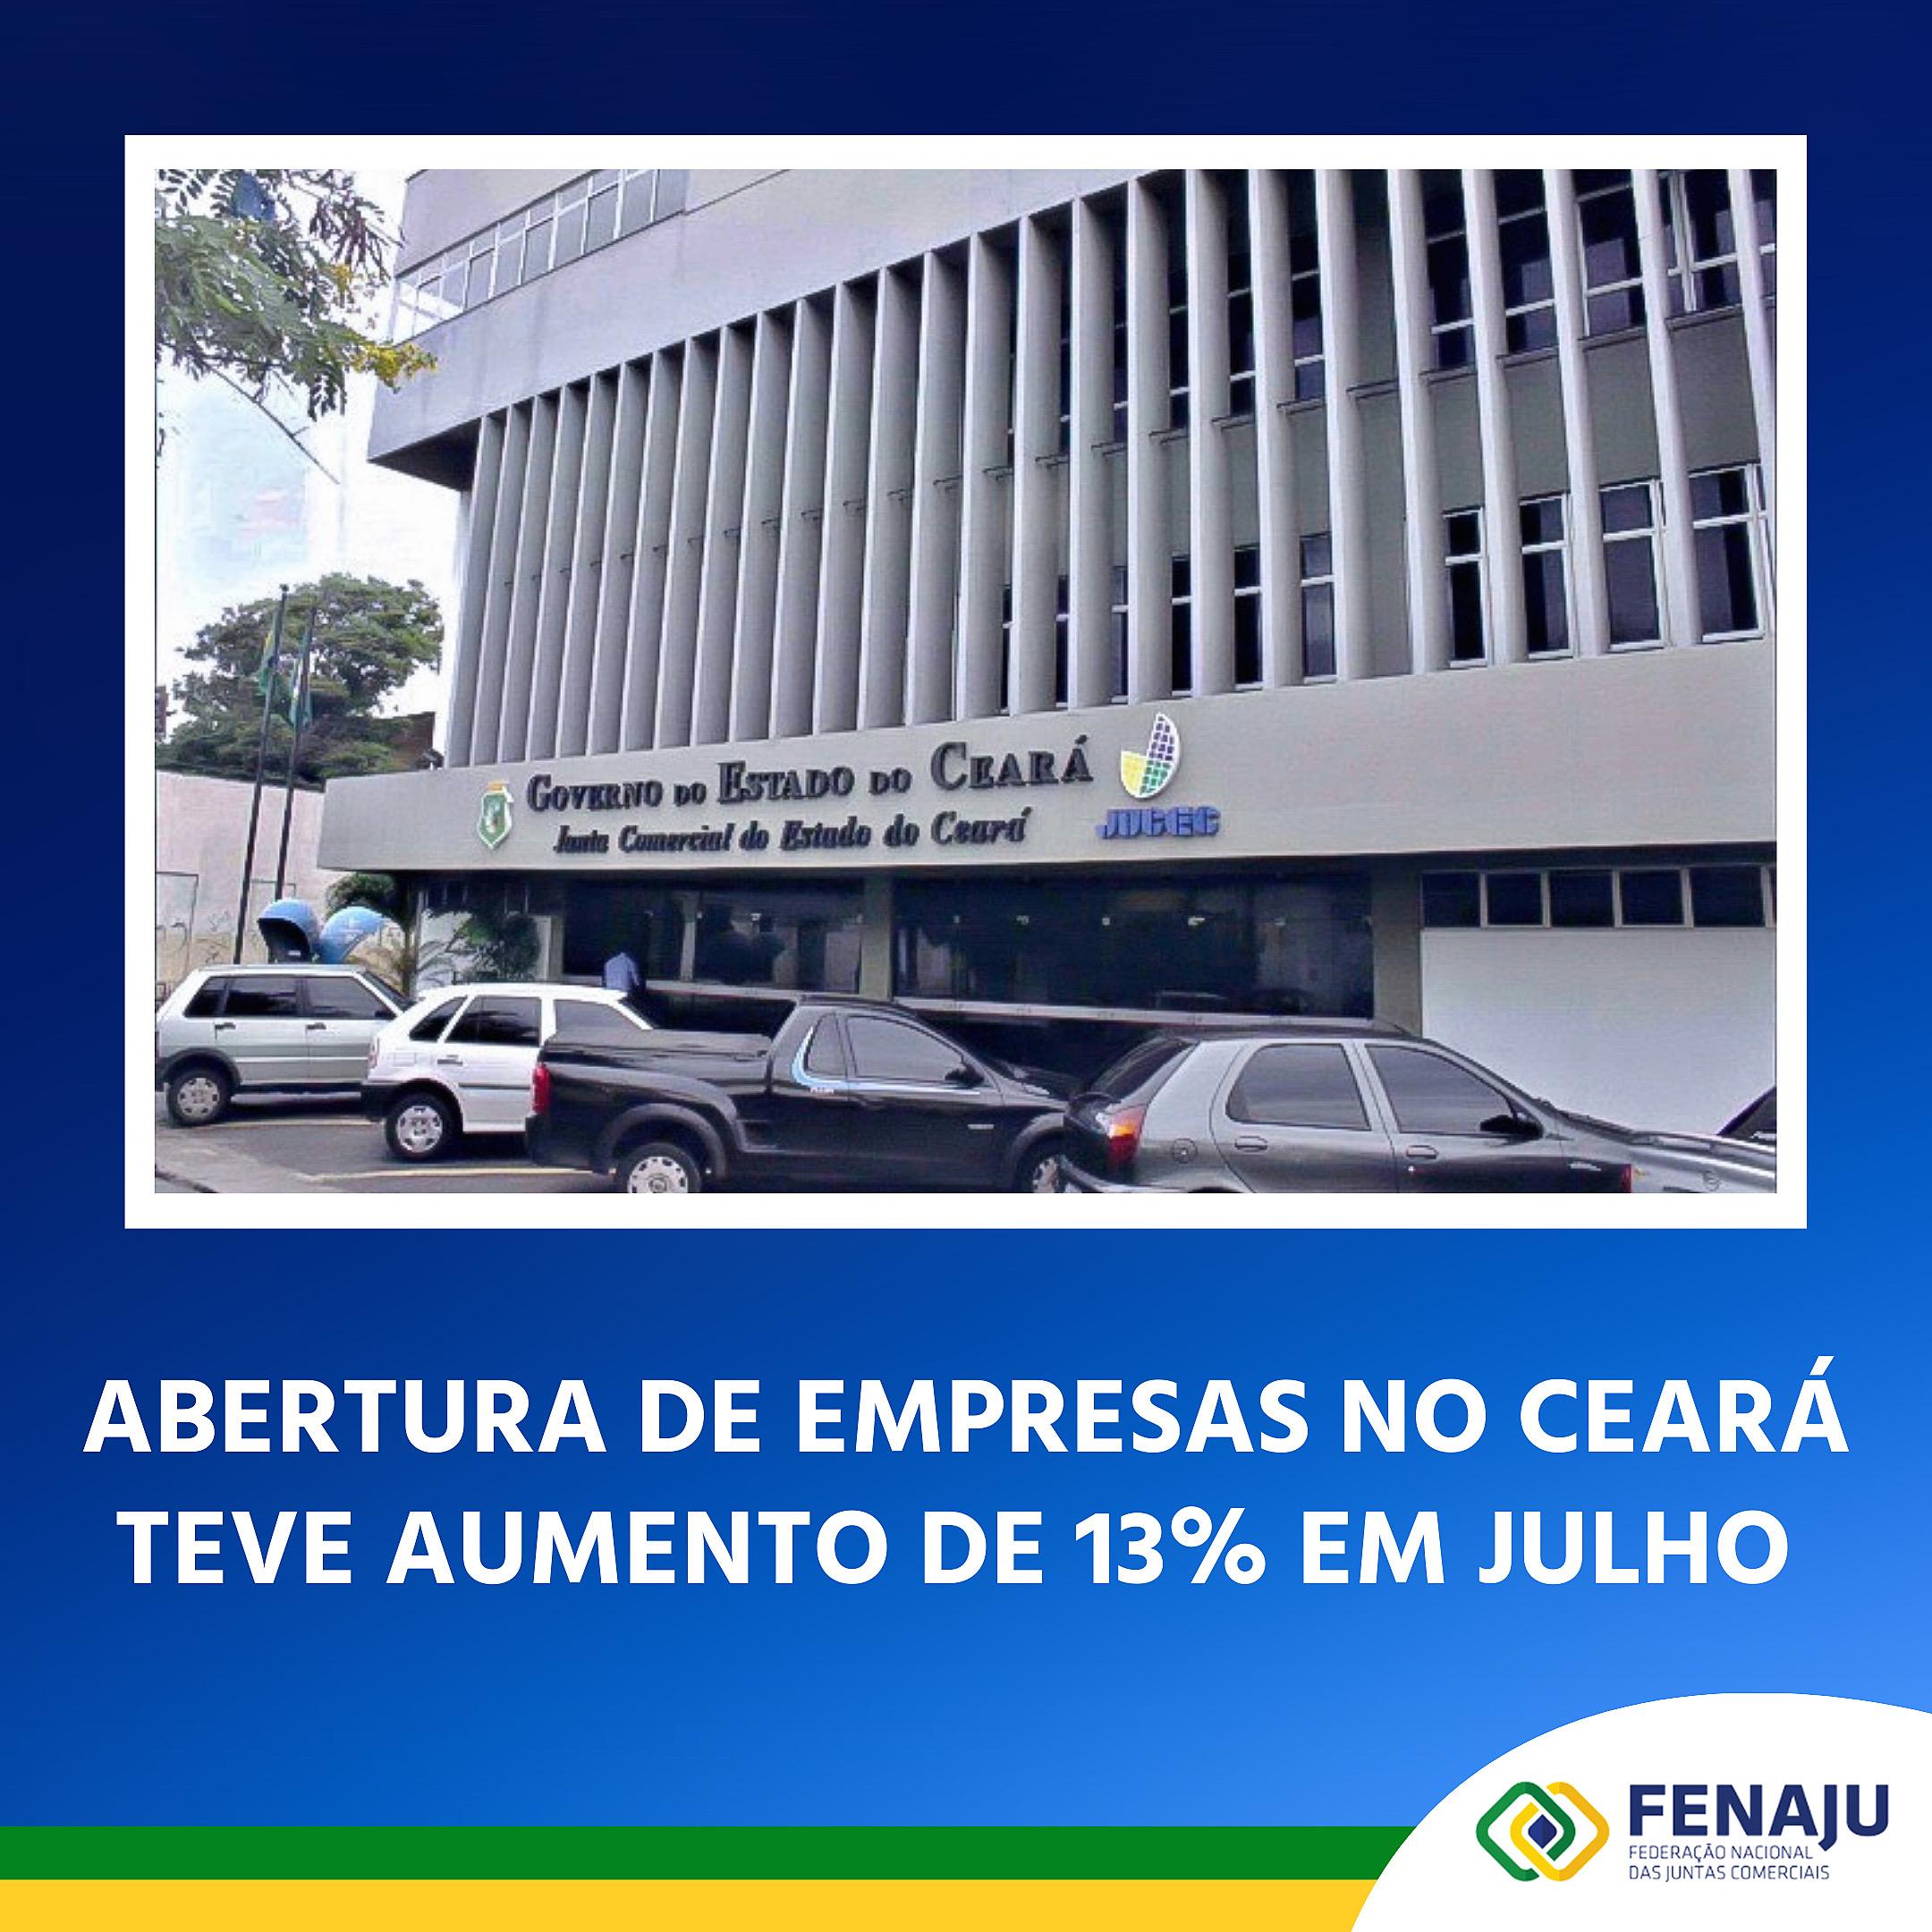 Abertura de empresas no Ceará teve aumento de 13% em julho